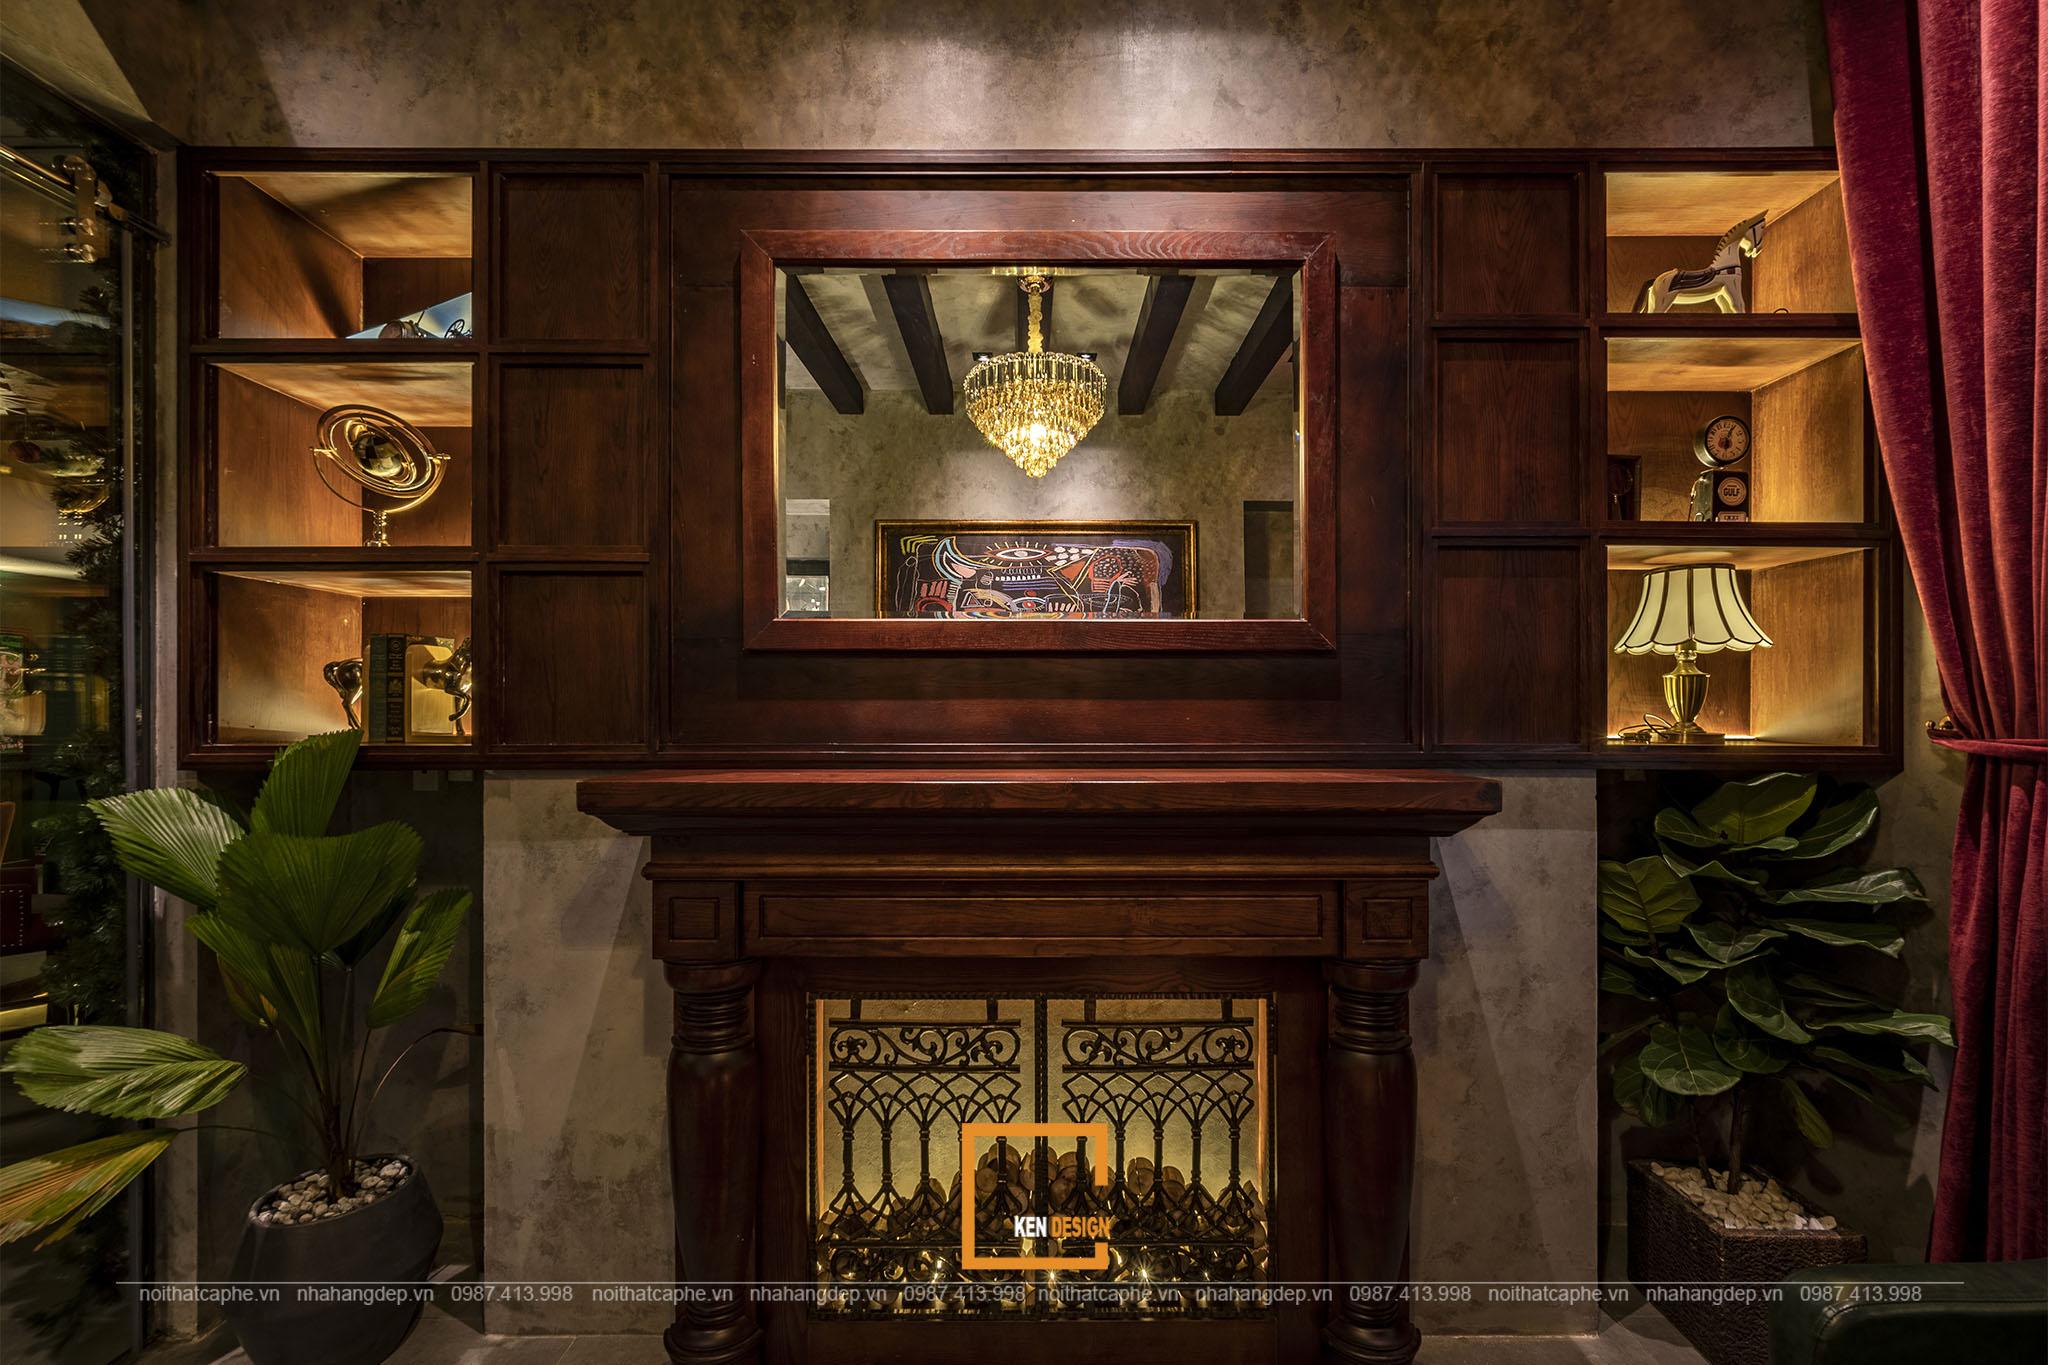 Nội thất Nevermind Bar Lounge làm từ gỗ tự nhiên